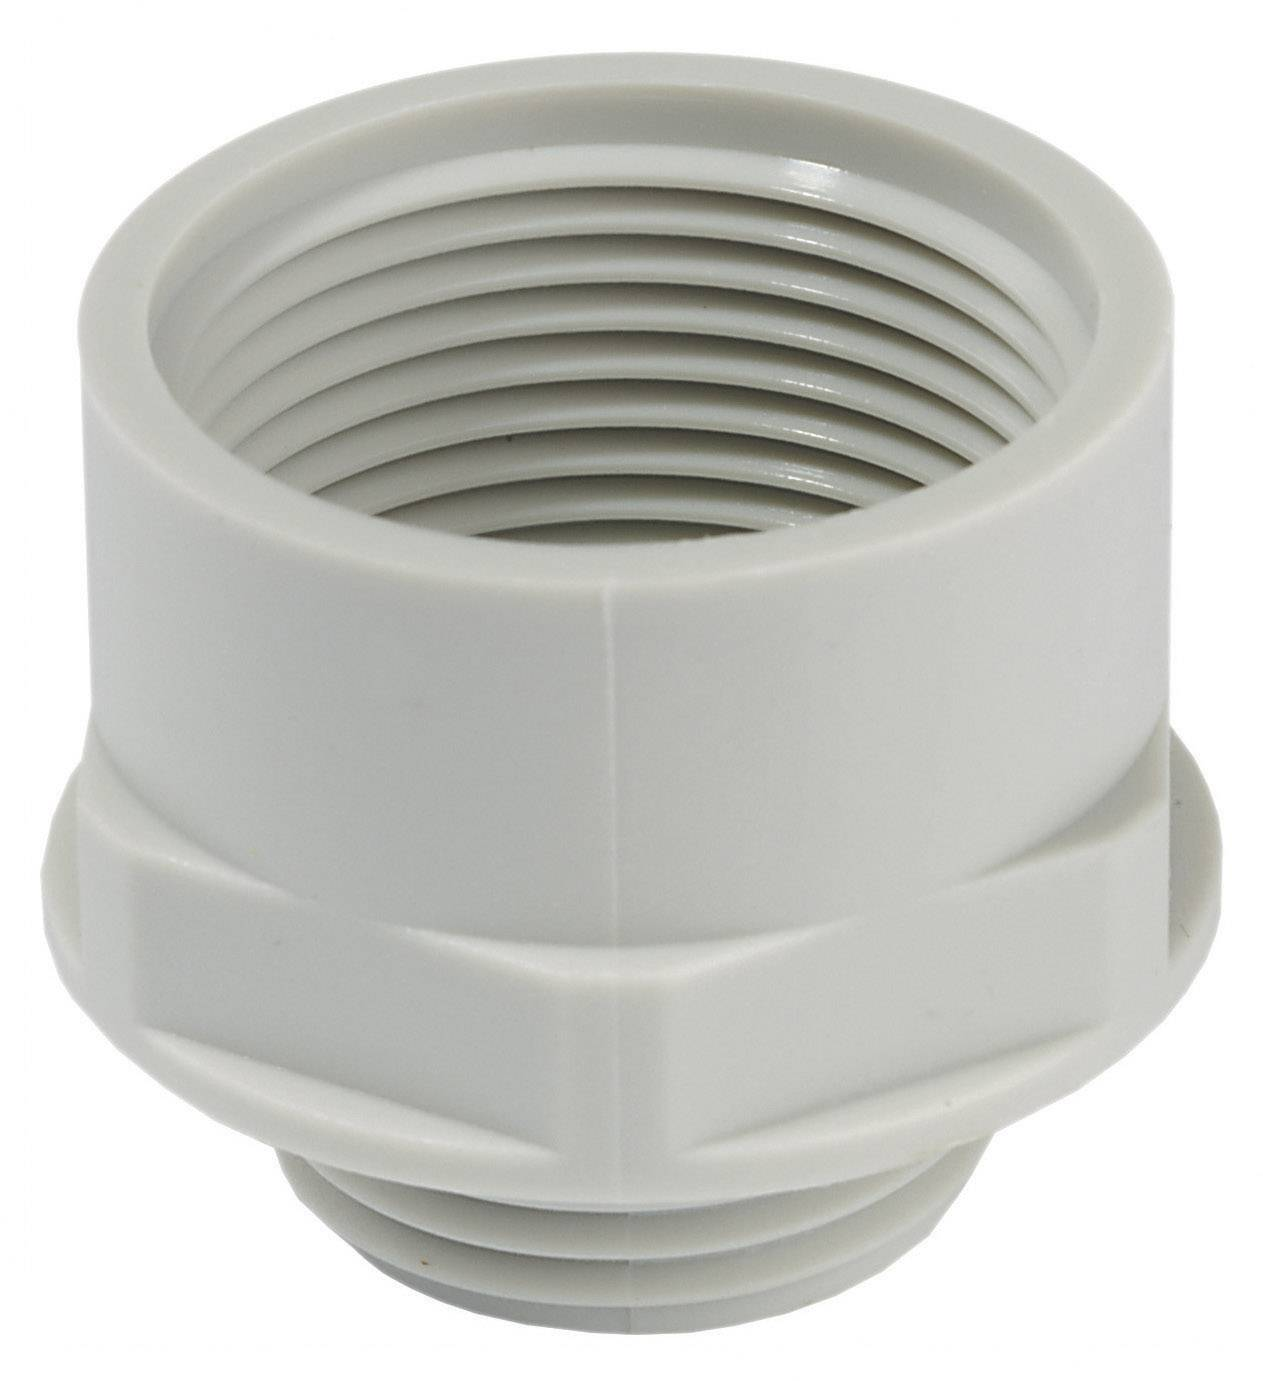 Adaptér kabelový spojky Wiska KEM 12/16 (10063570), M12, světle šedá